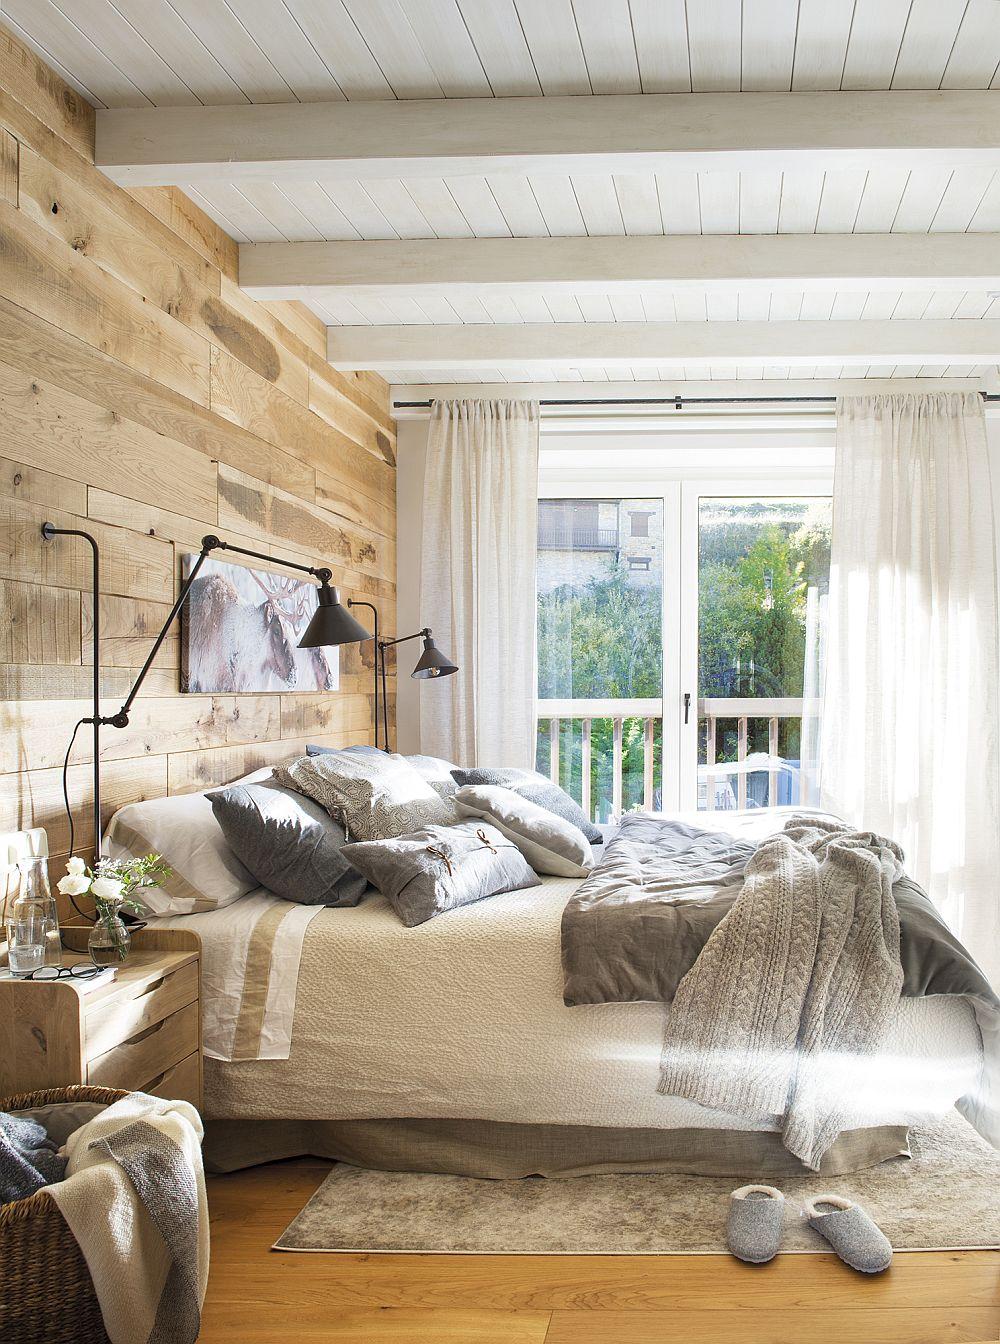 Dormitorul matrimonial vorbește prin amenajare de destinația de vacanță a casei. Peretele din spatele patului a fost îmbrăcat cu lemn recupaerat dispus pe orizonatală pentru a da senzația de lățime a camerei. Peretele acesta este pus în valoare prin contrast cu plafonul alb, dar și cu zona de fereastră încadrată de draperii albe. De asemenea, contează mult și faptul că patul este îmbrăcat pe o suprafață mare cu o cuvertură deschisă la culoare. O cameră care inspiră relaxare și parcă te invită la lectură.